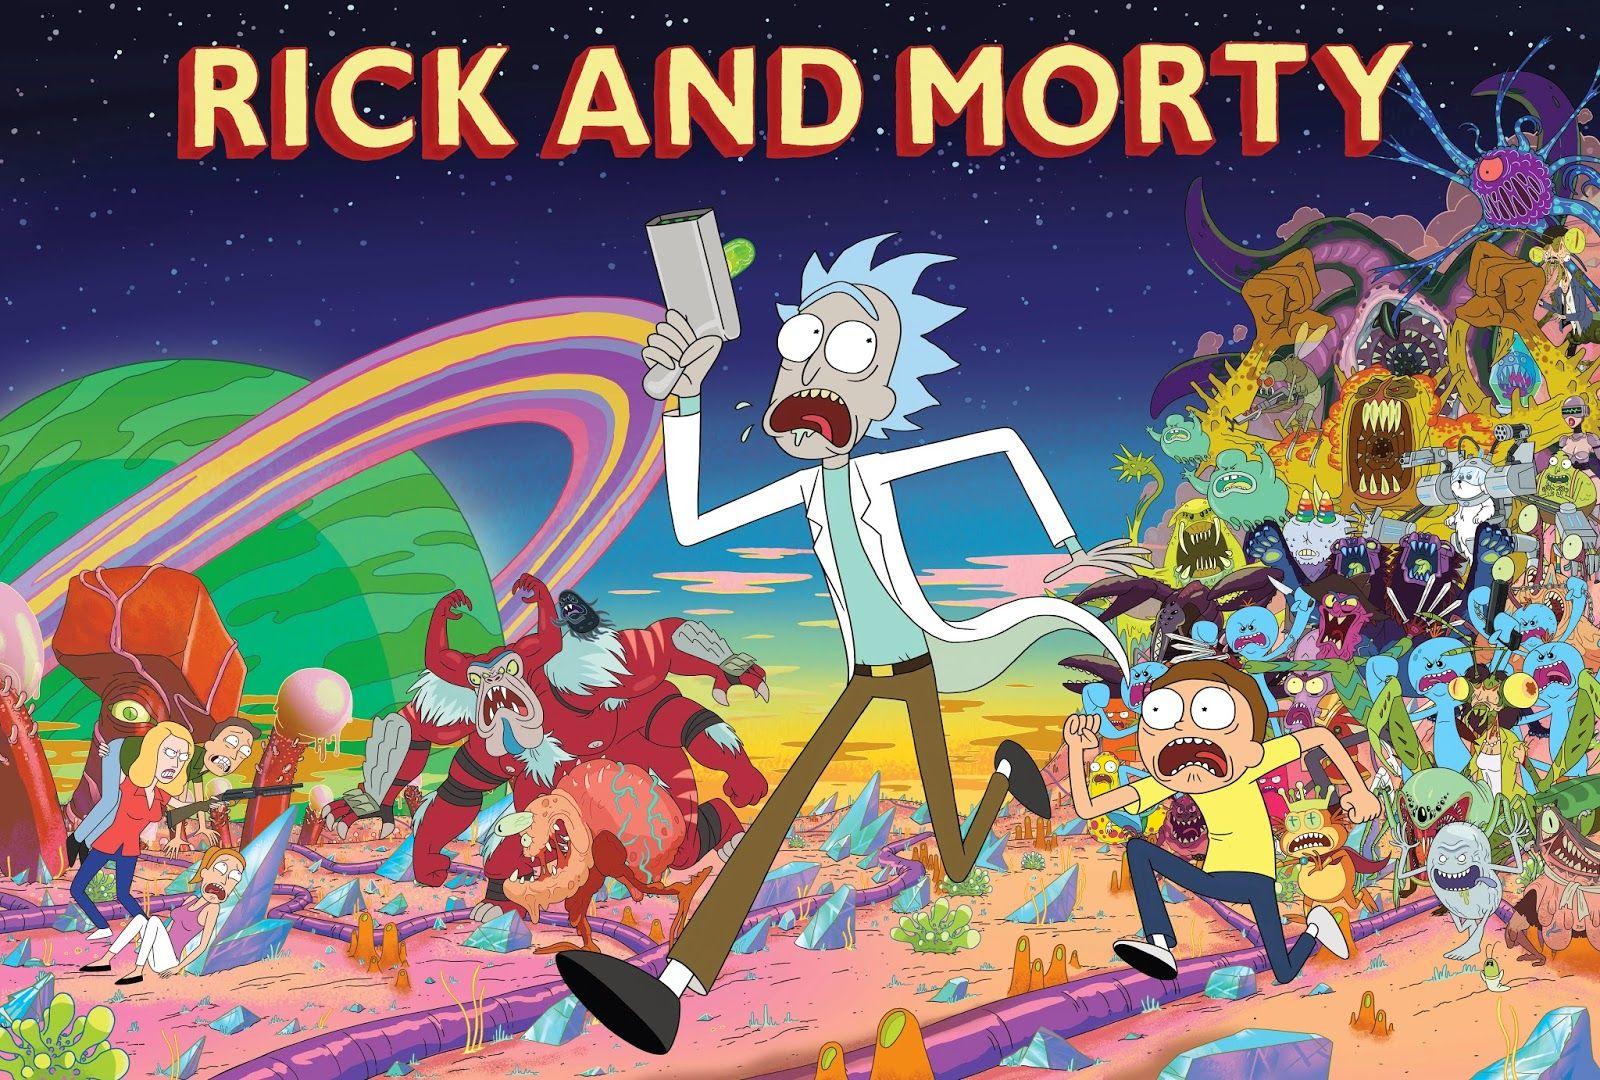 Рик и Морти / Rick and Morty / Сезон: 3 / Серии: 1 из 14 (Пит Мишелс, Брайан Ньютон, Джон Райс) [2017, США, Мультфильм, комедия, фантастика, BDRip 720p] VO (Сыендук) + Original Eng + Sub (Rus)